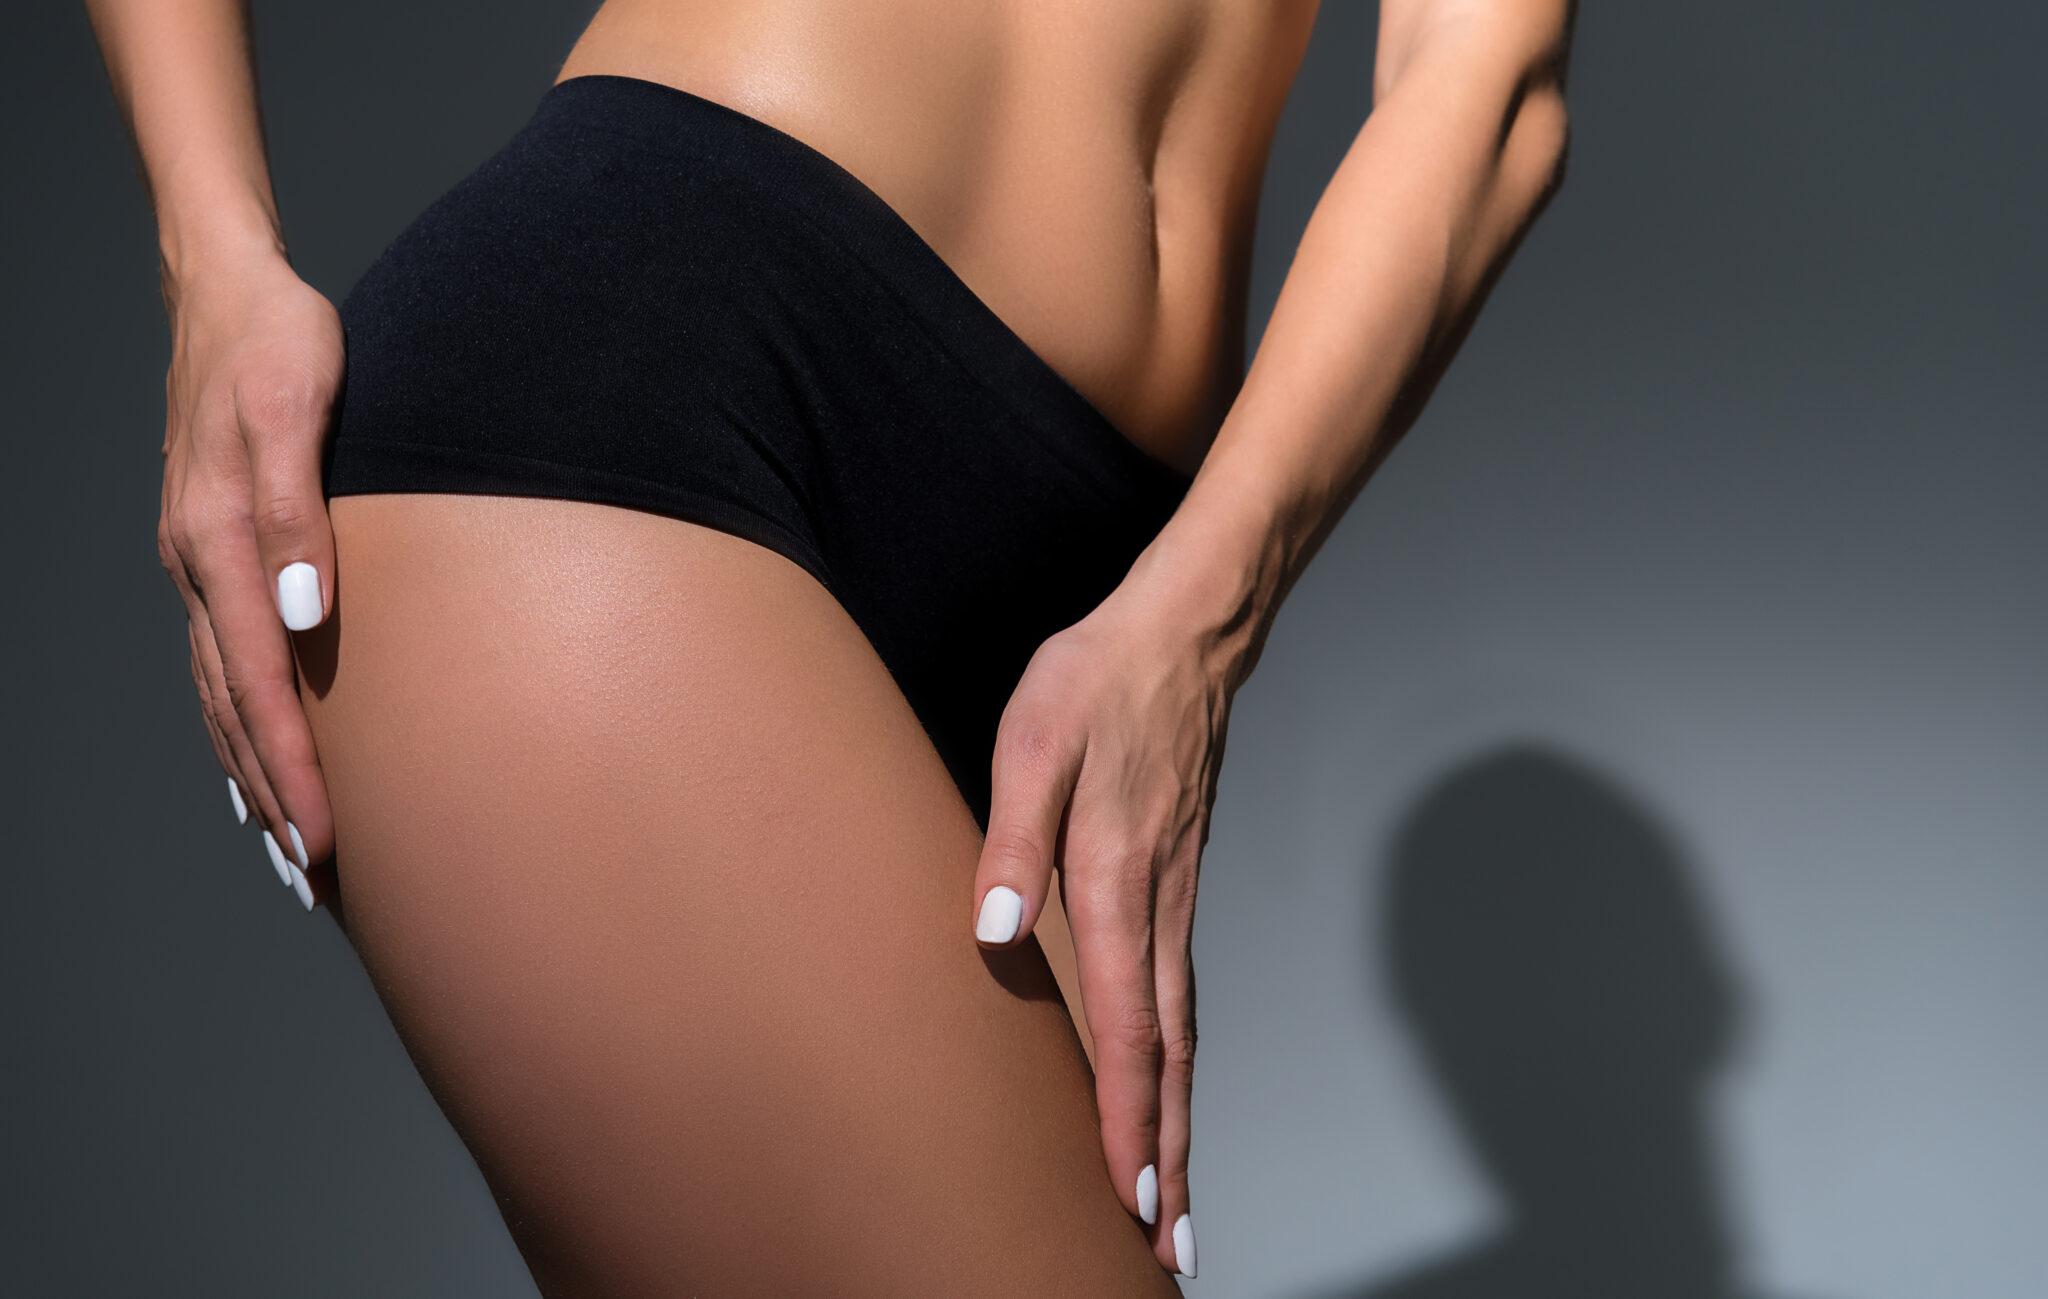 czarna bielizna na nietrzymanie moczu na szczupłej modelce